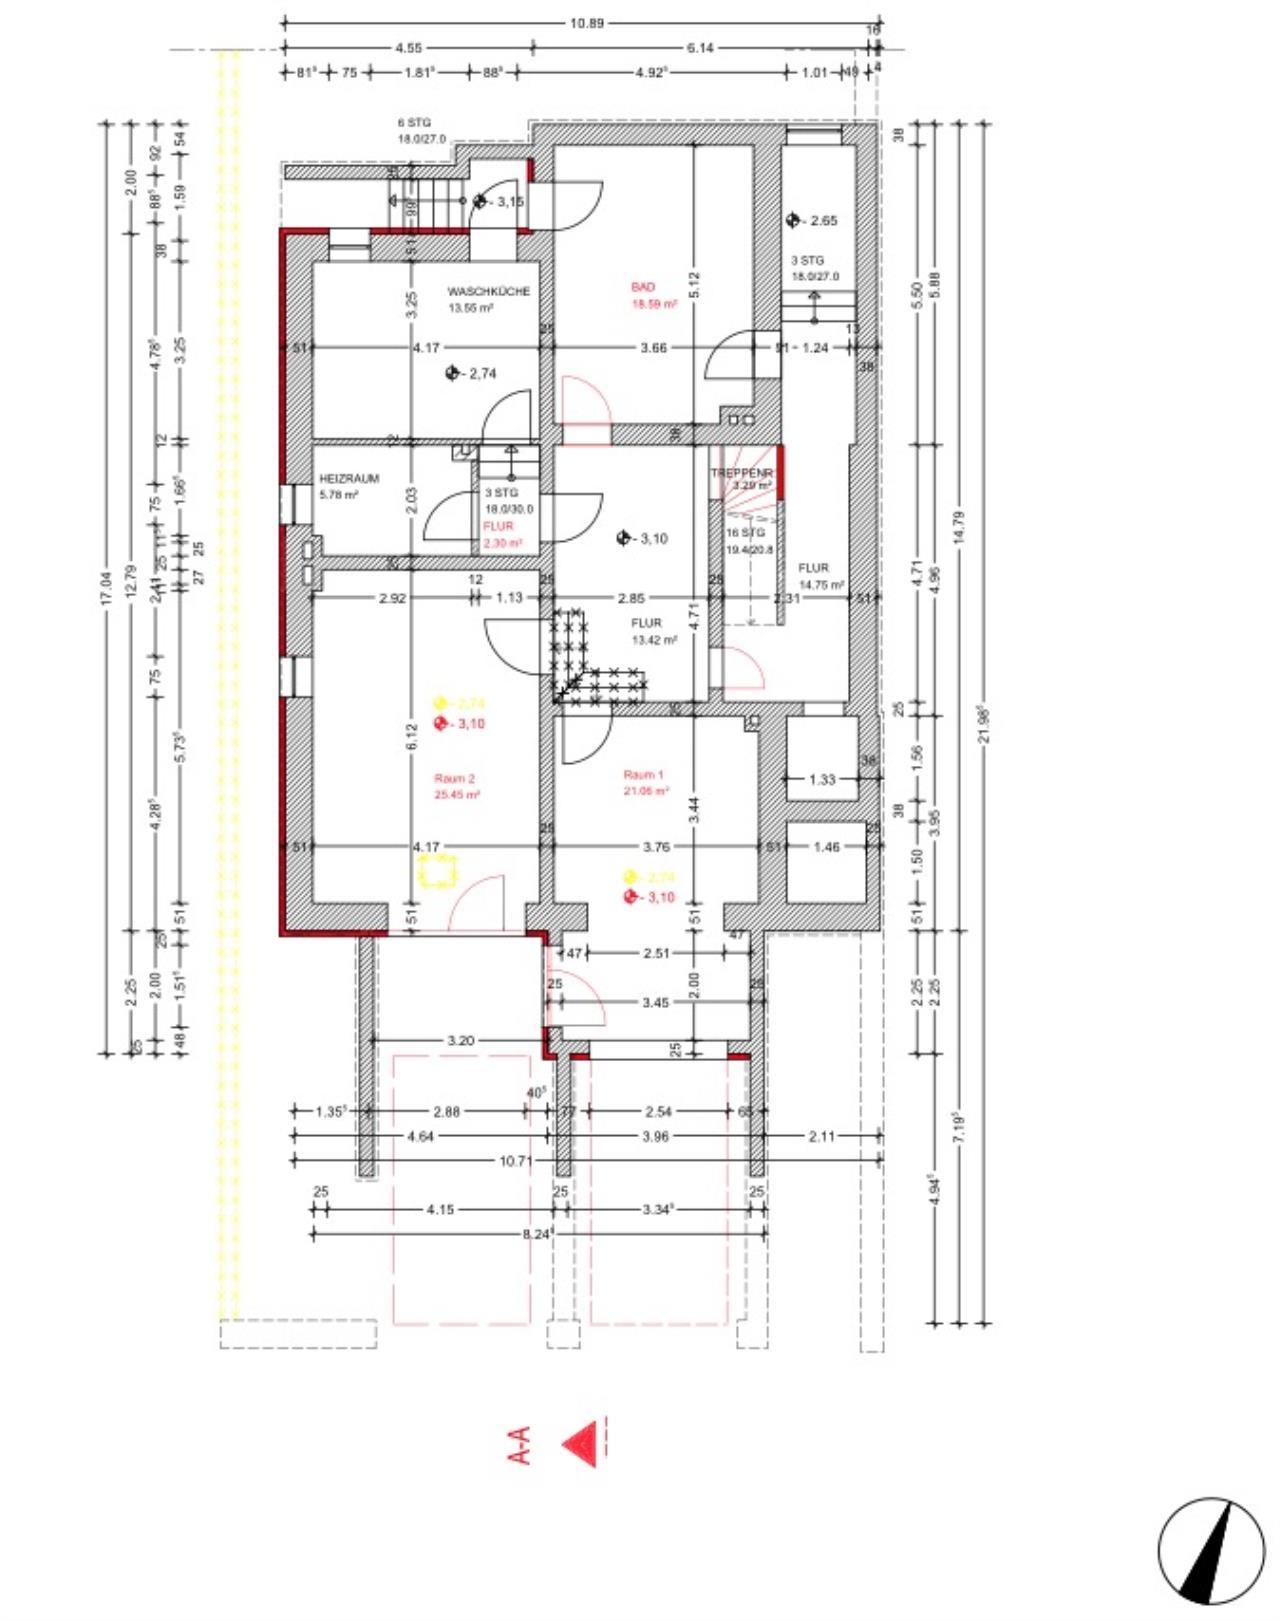 Altbau Keller Zum Wohnraum Ausbauen Fragen Zur Dammung Bauforum